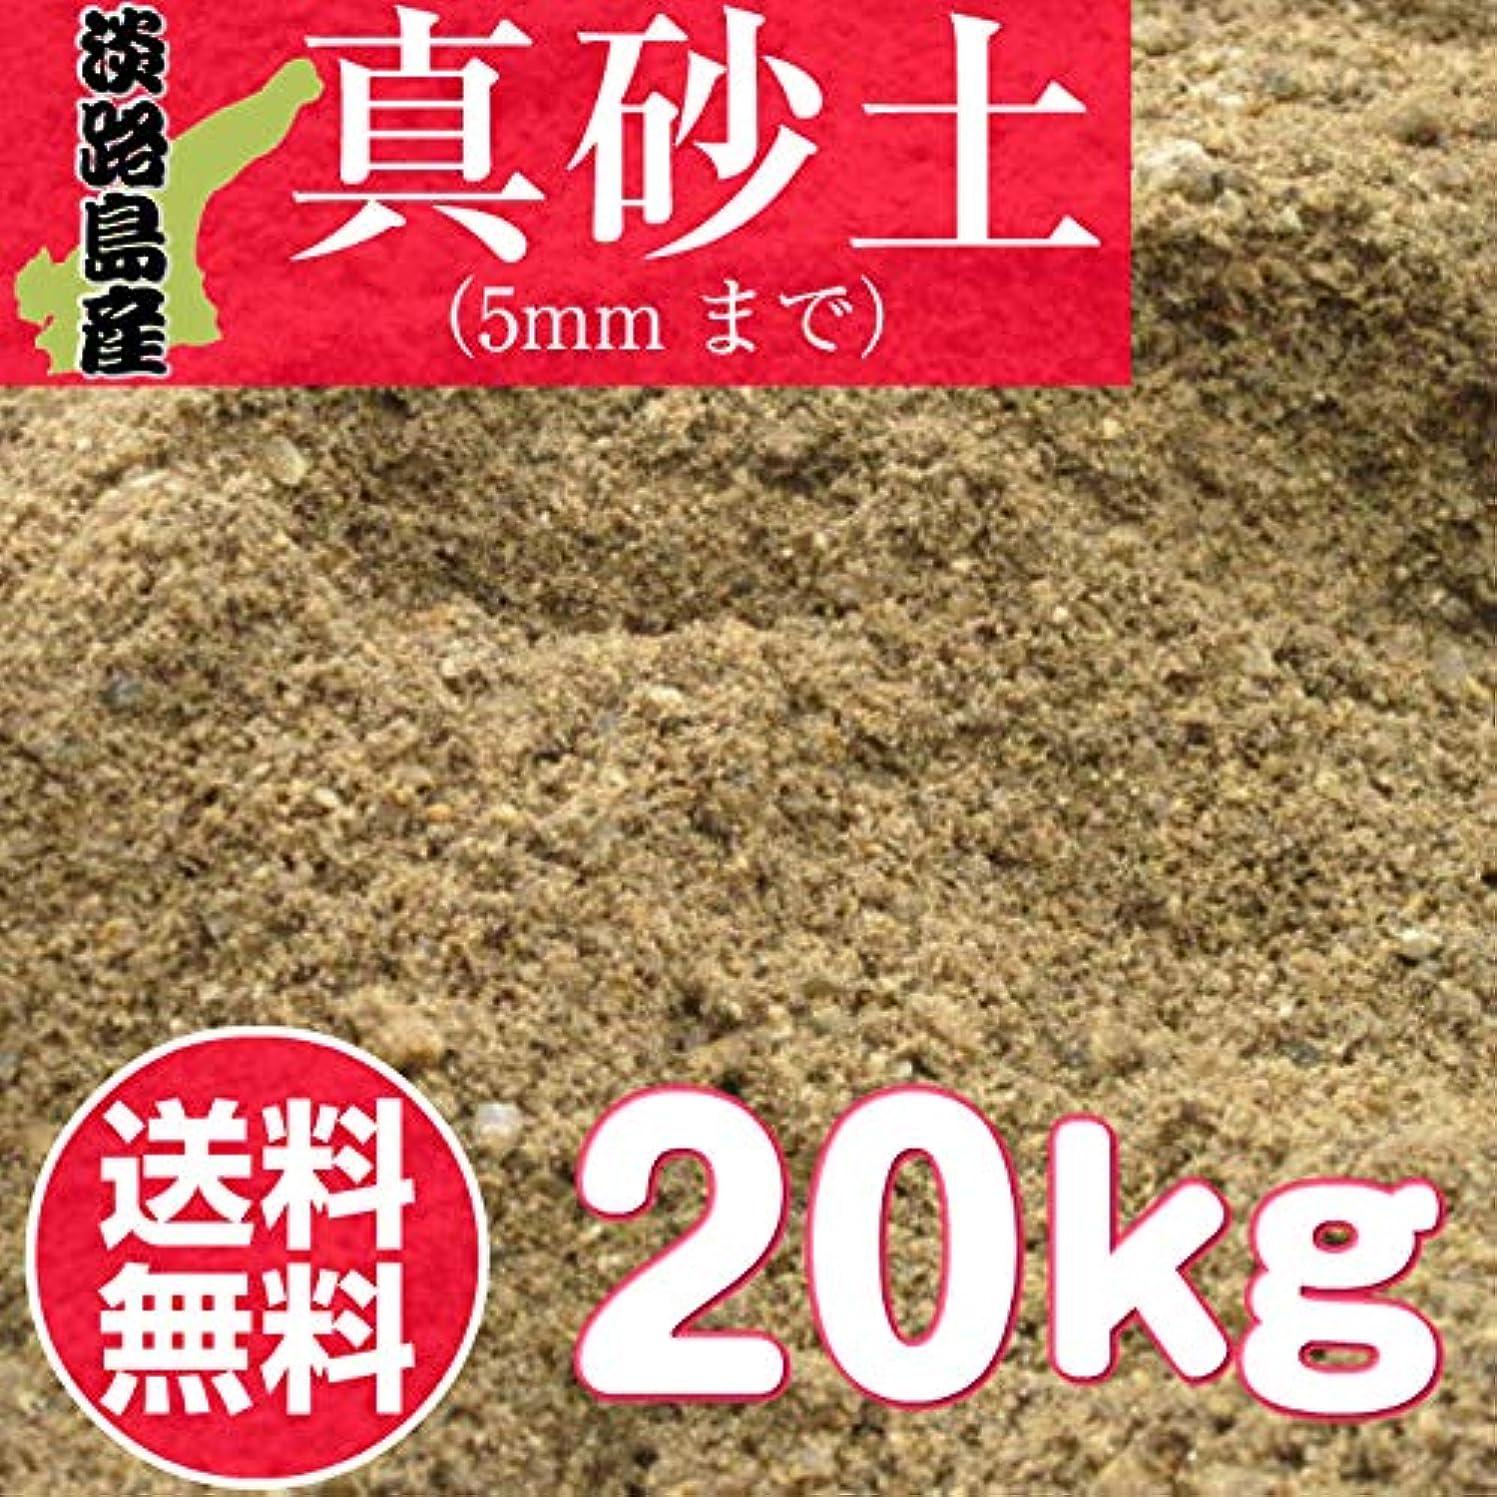 等価スキッパーガソリン国産 淡路島産 真砂土 まさ土 まさど まさつち 20kg袋 5mmまで